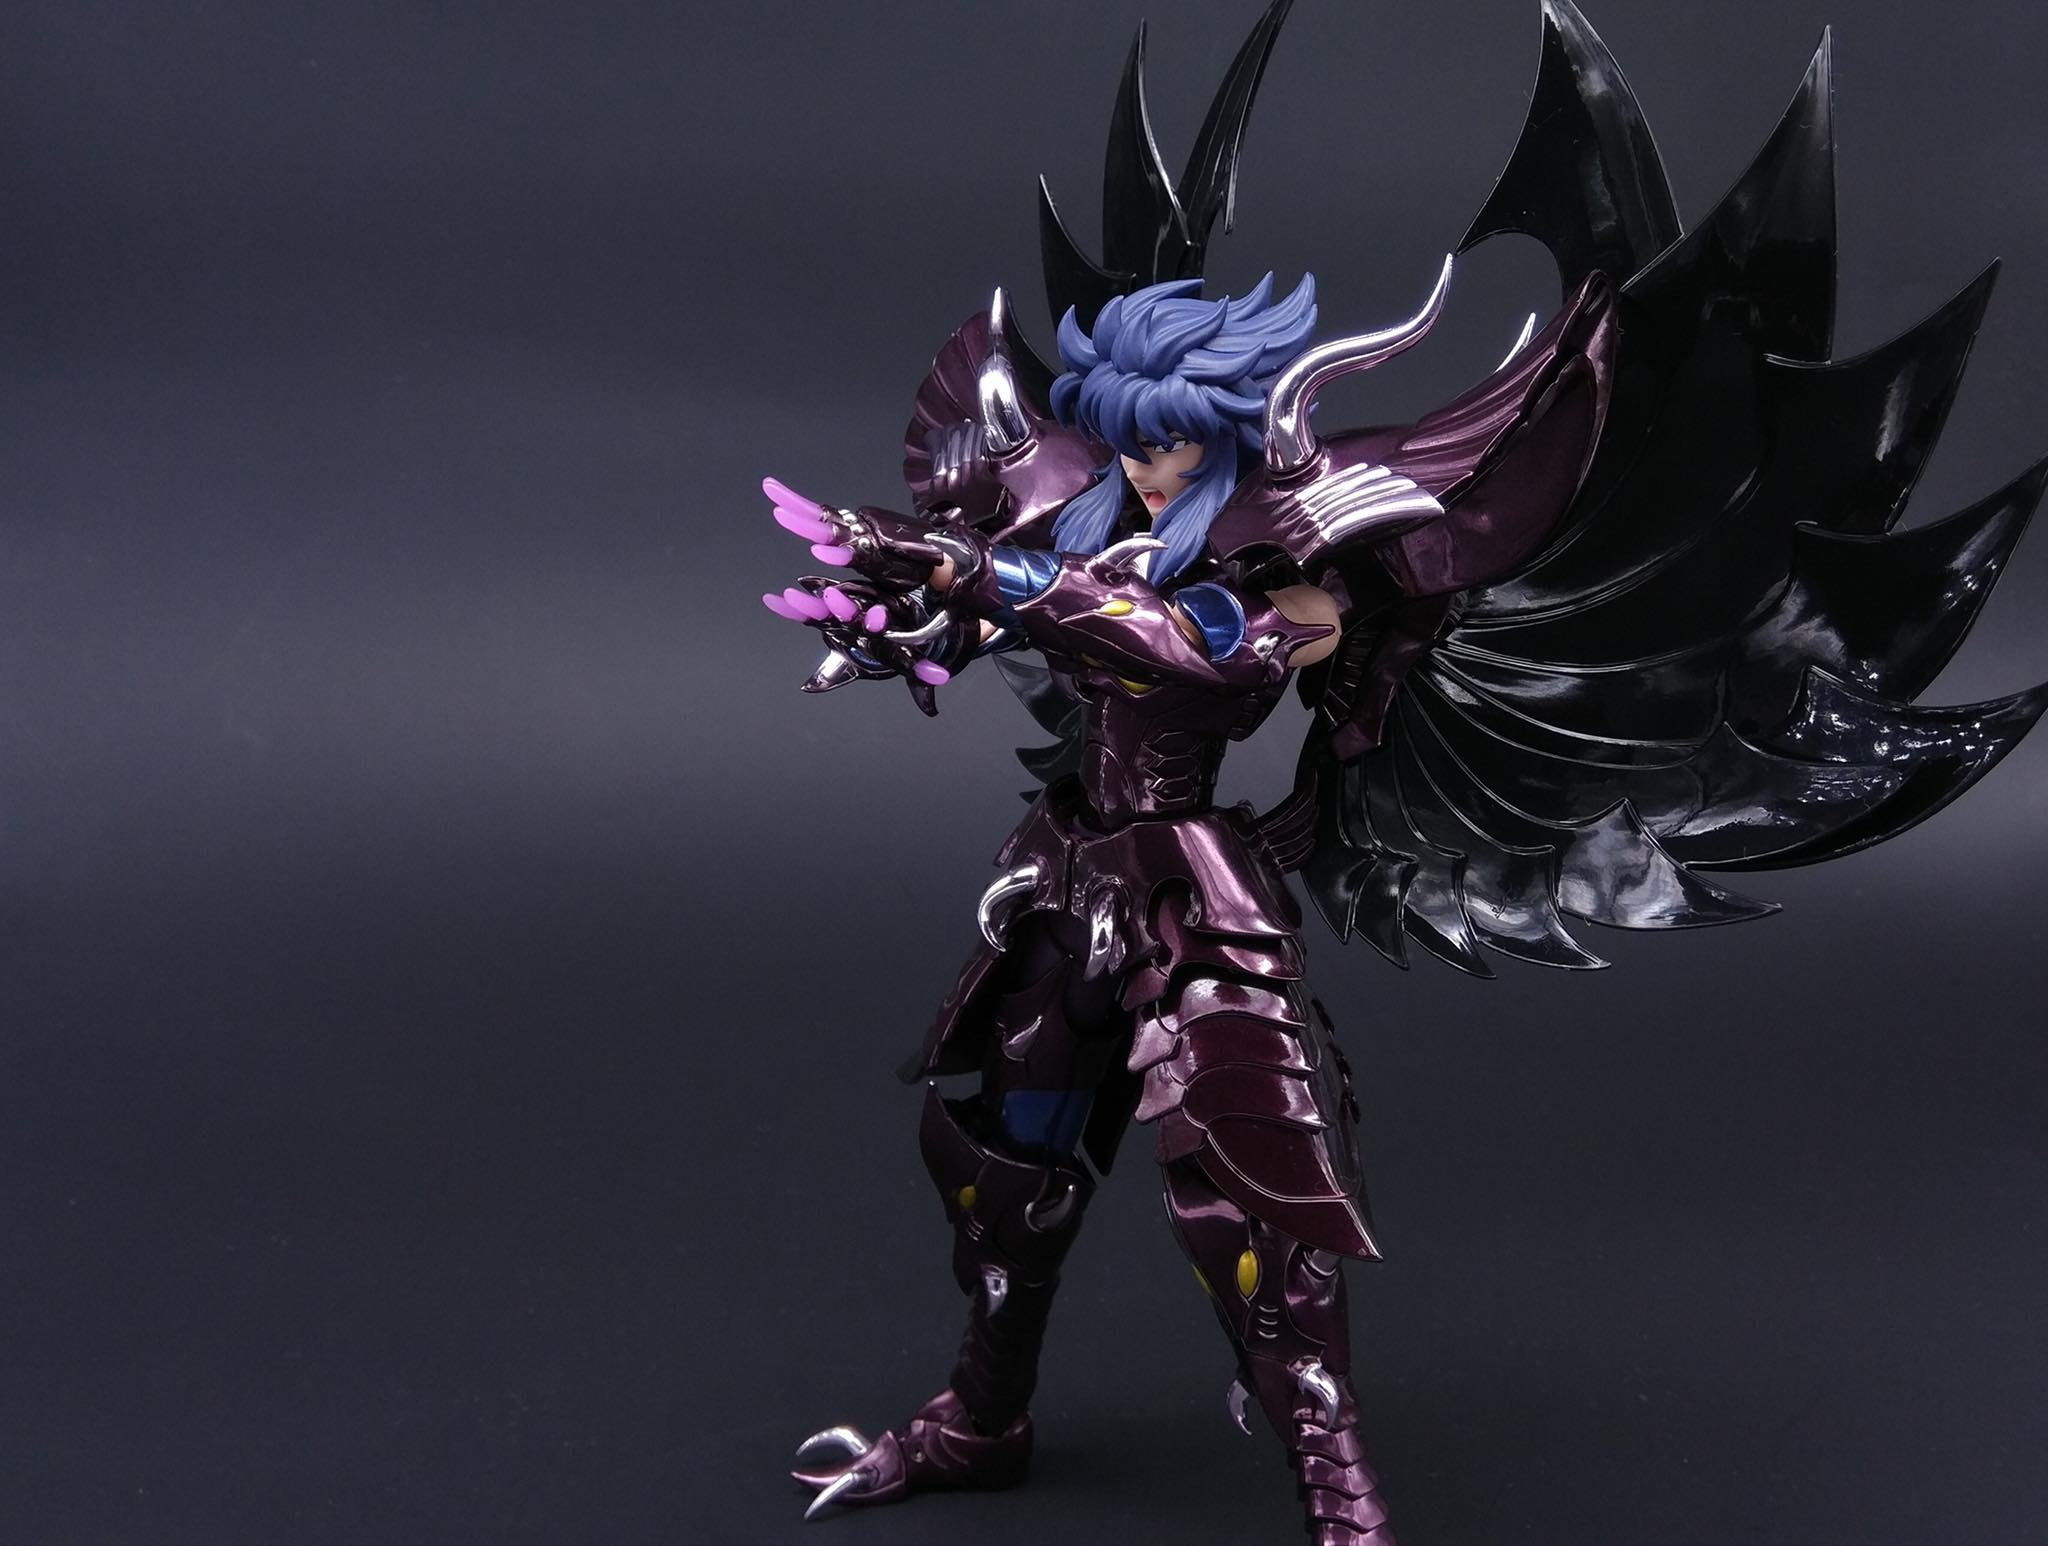 [Comentários] Aiacos de Garuda EX - Página 2 KrUNF6AK_o